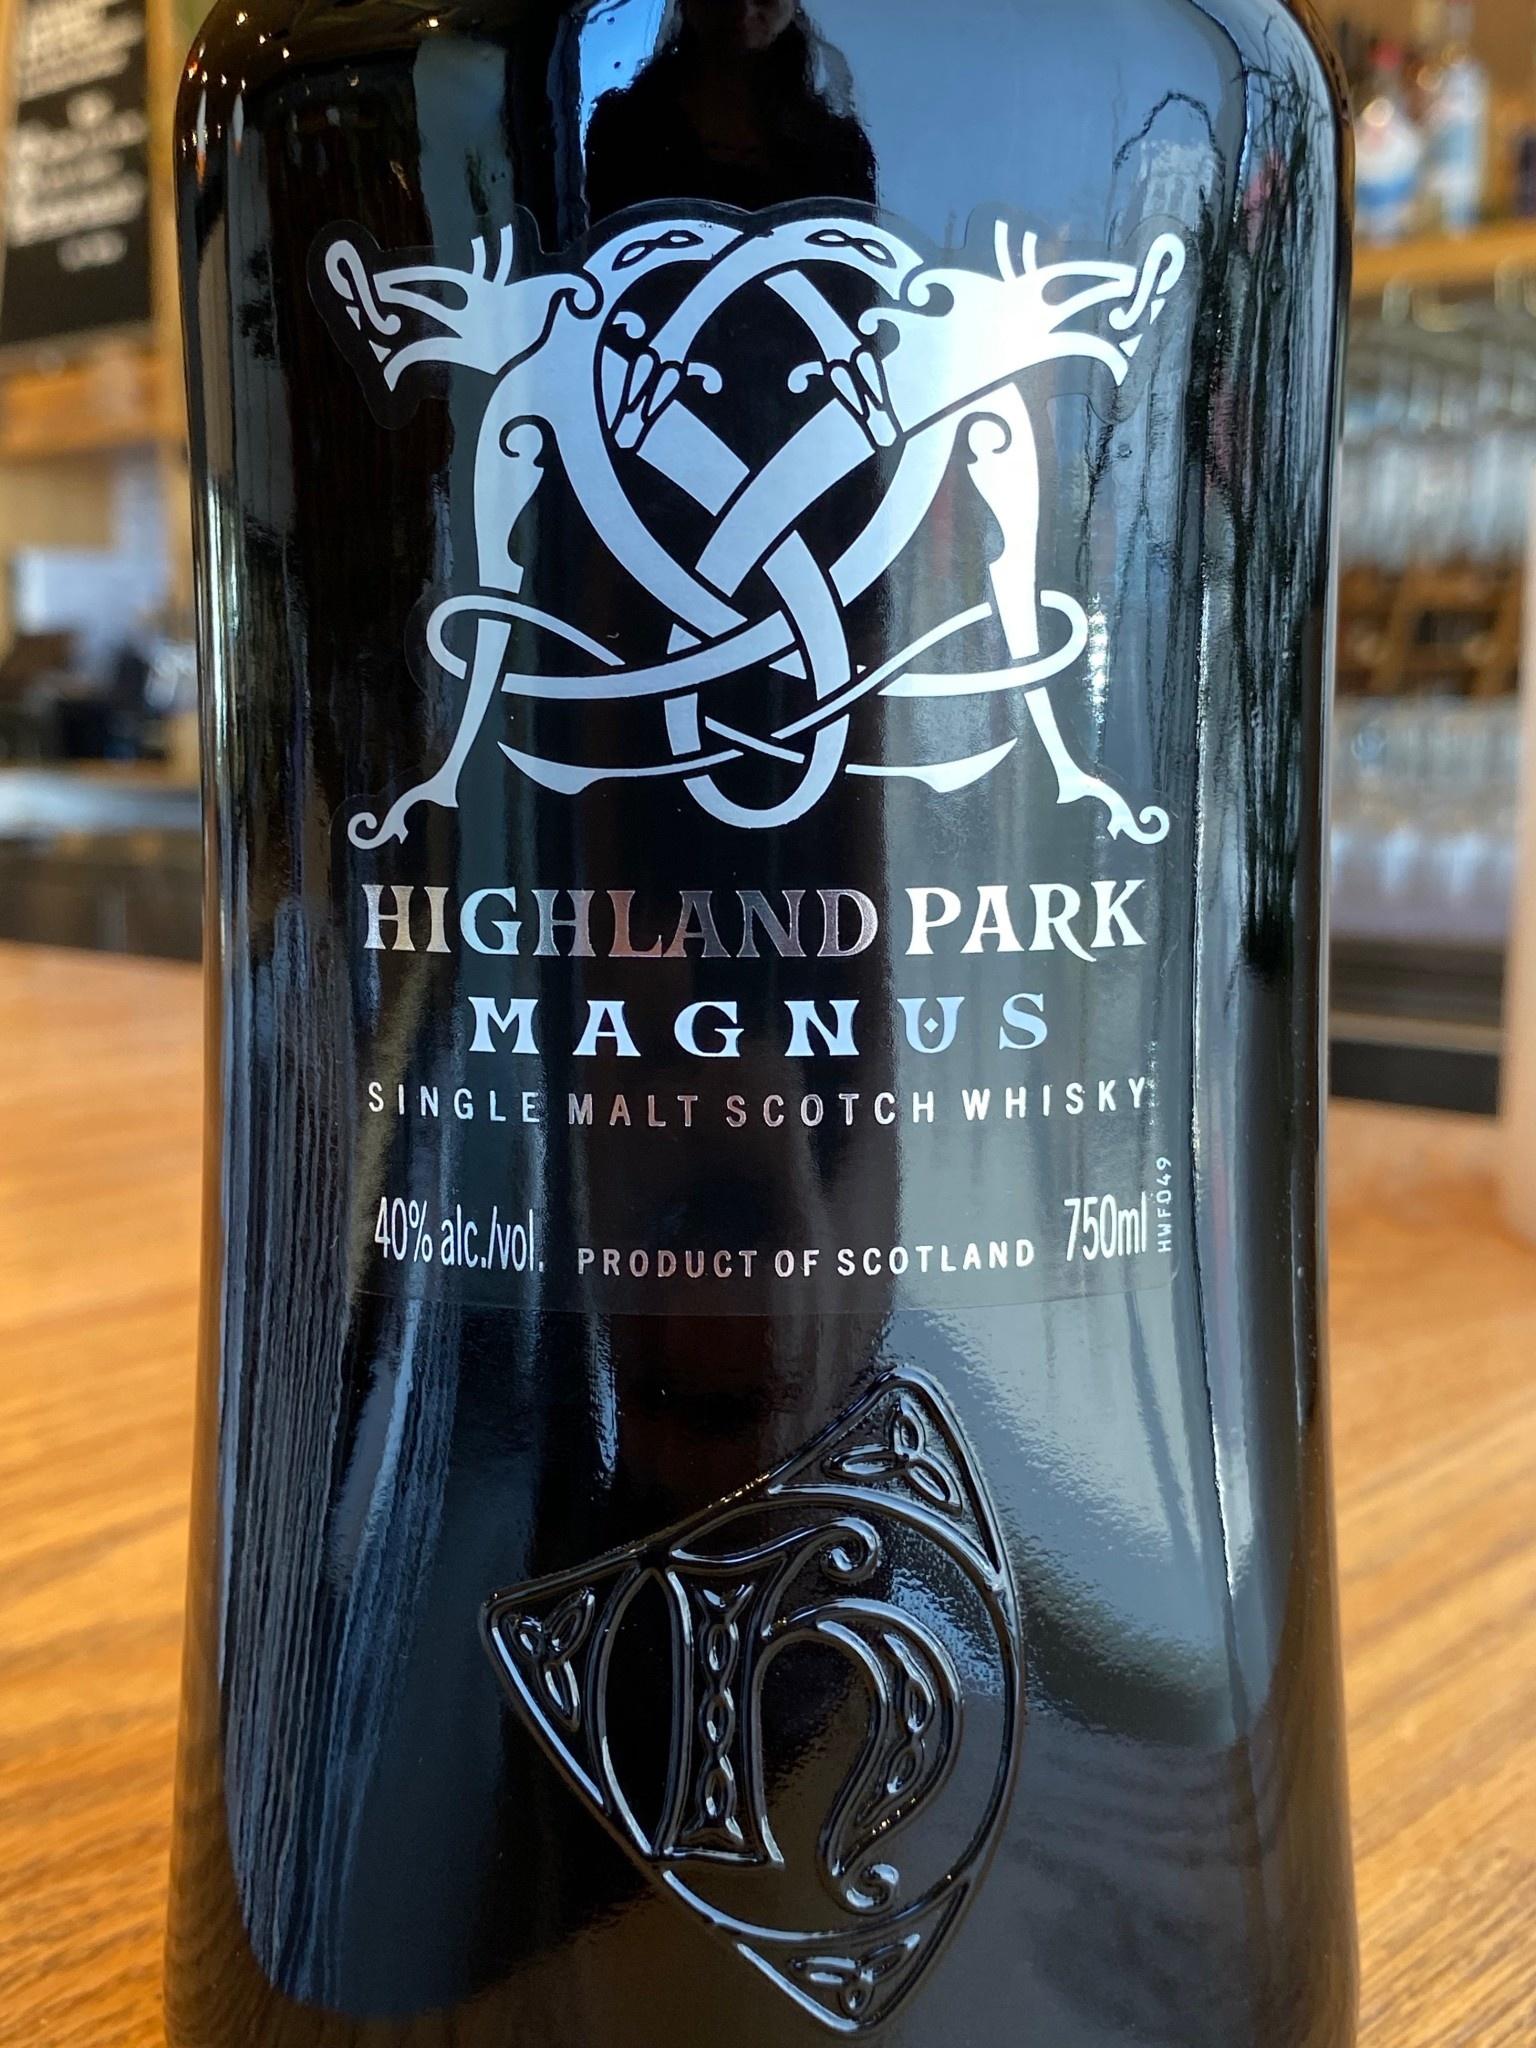 Highland Park Highland Park Magnus 750ml